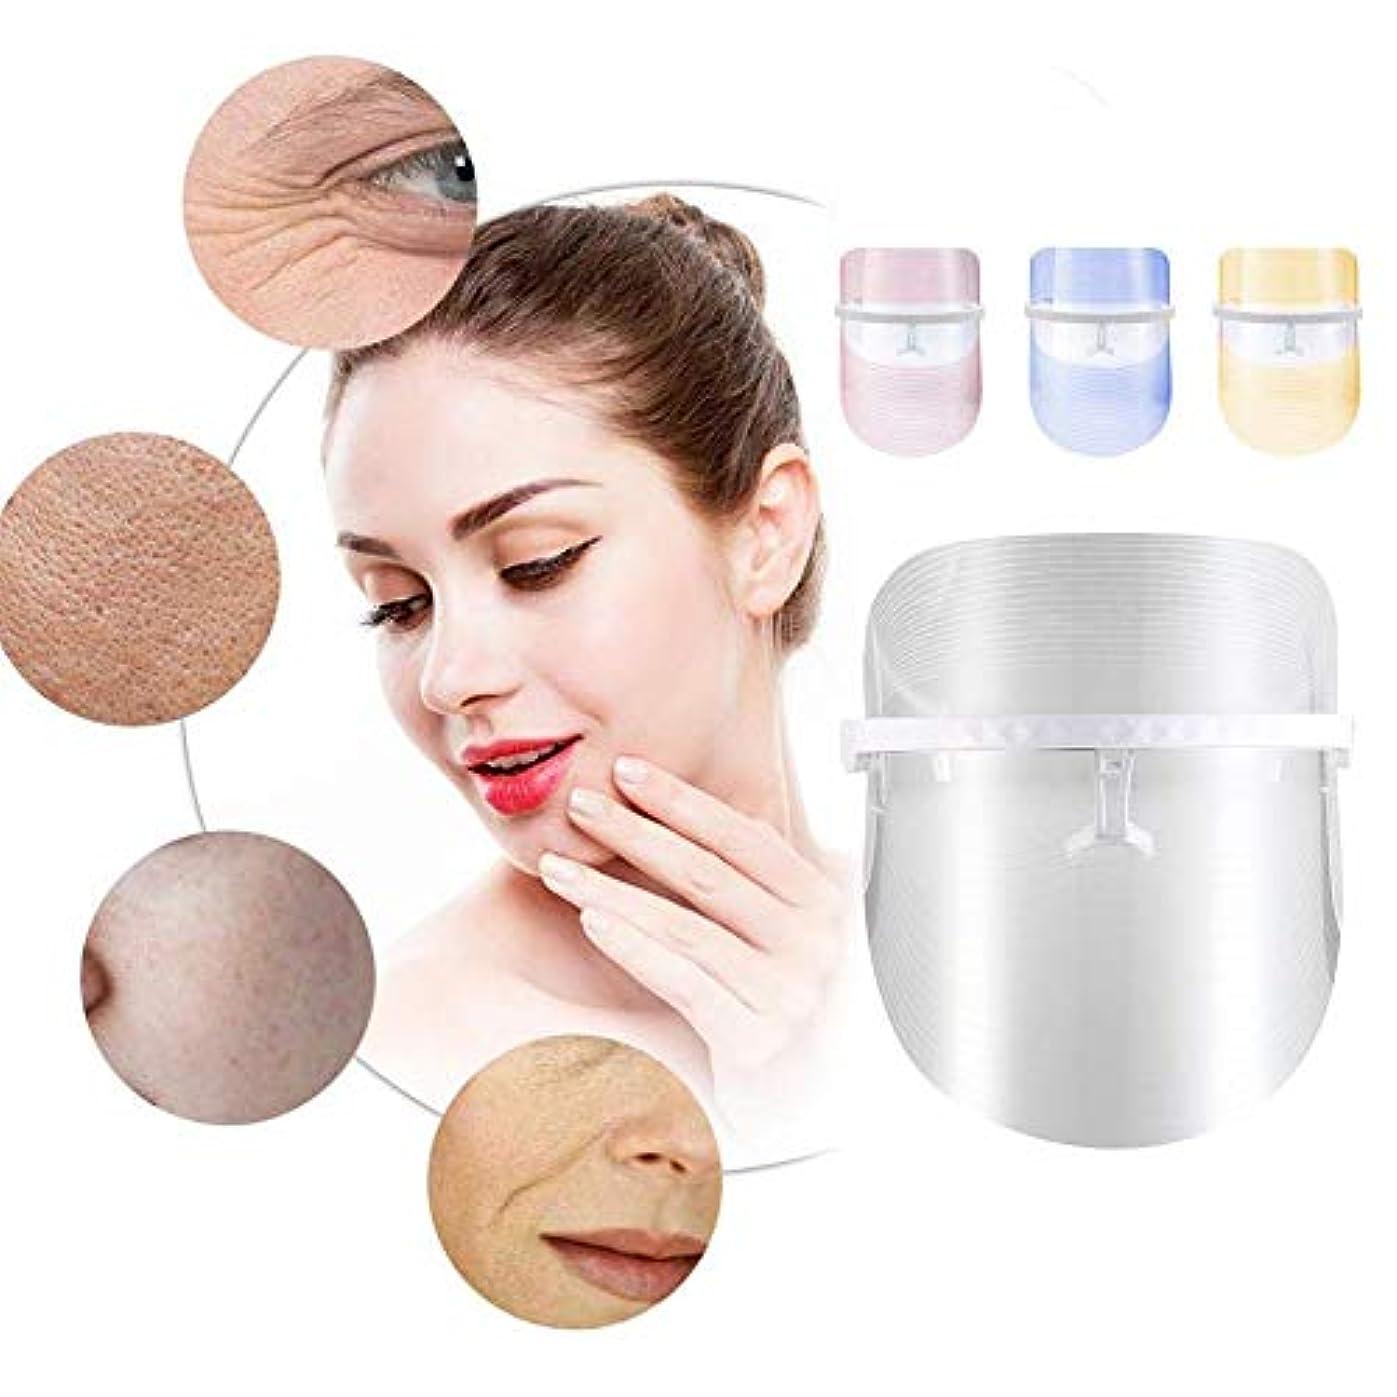 パイ意図的最大3色LEDフェイシャルマスク美容器具光線療法赤青とオレンジの光の収縮孔は顔ケアツールを若返らせる